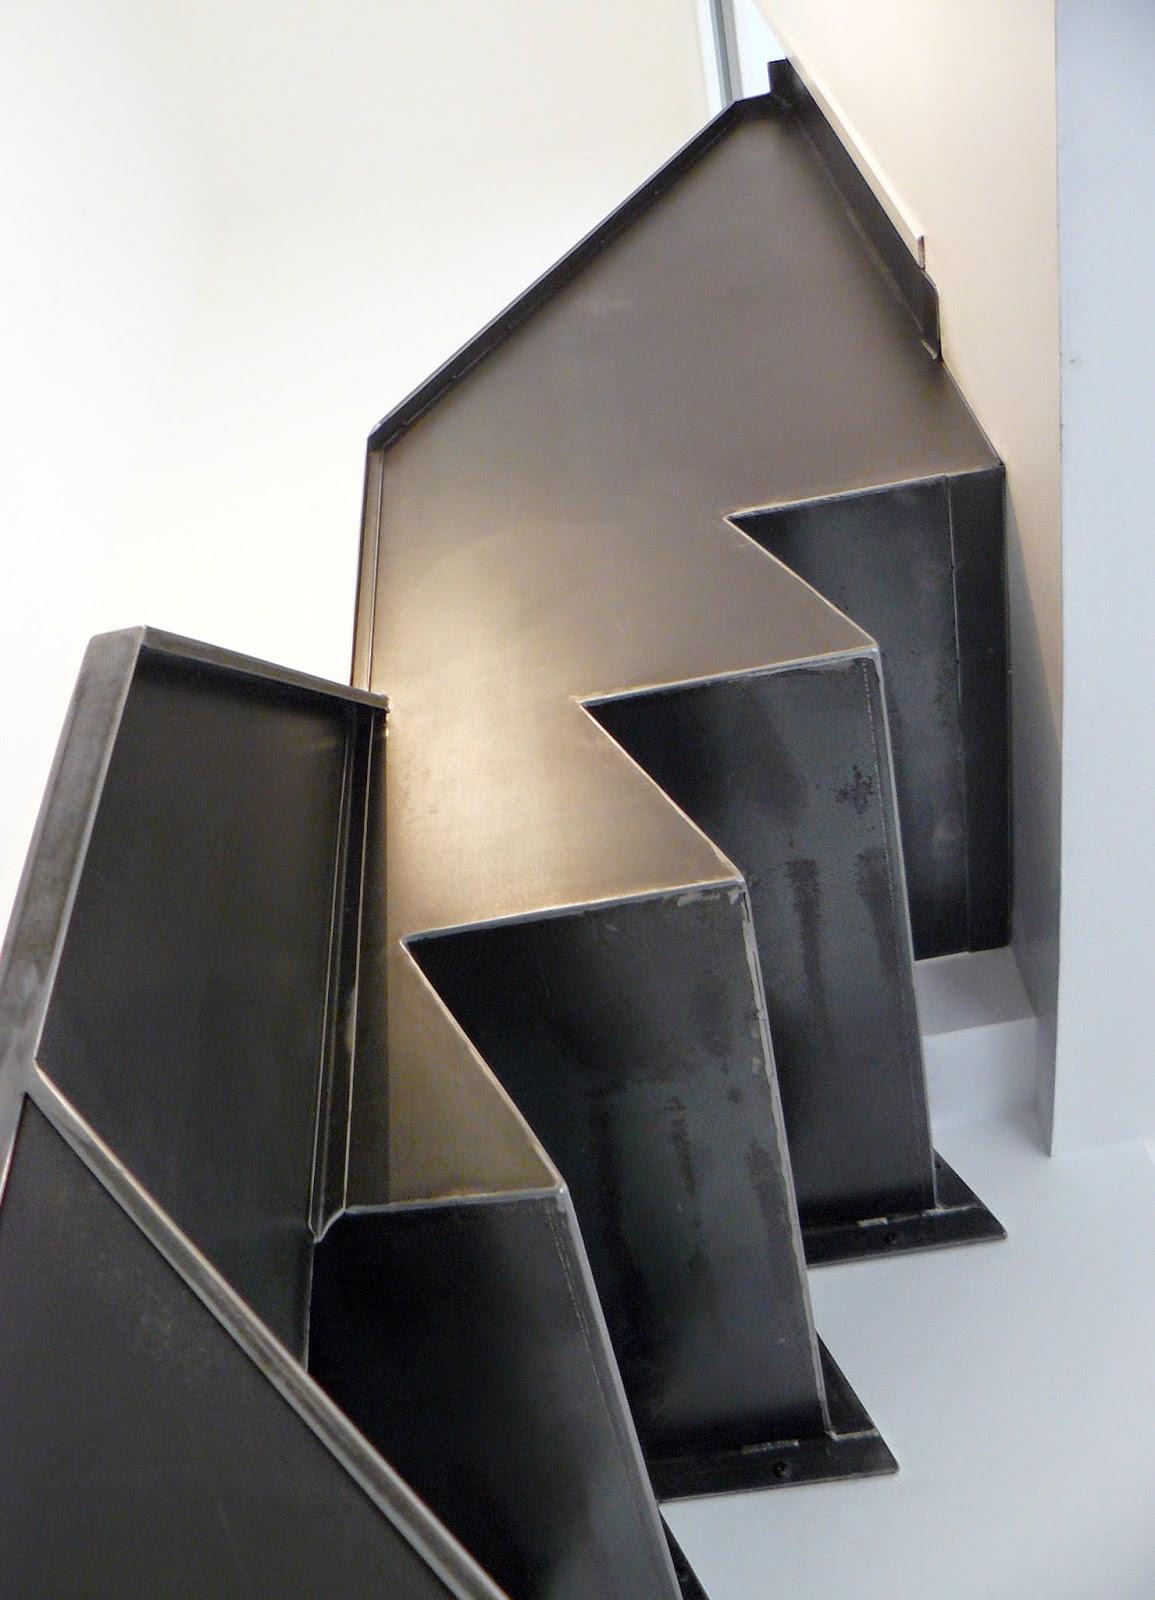 ferronnerie m tallerie serrurerie 79 deux s vres l 39 art du fer play escalier m tallique en t le. Black Bedroom Furniture Sets. Home Design Ideas